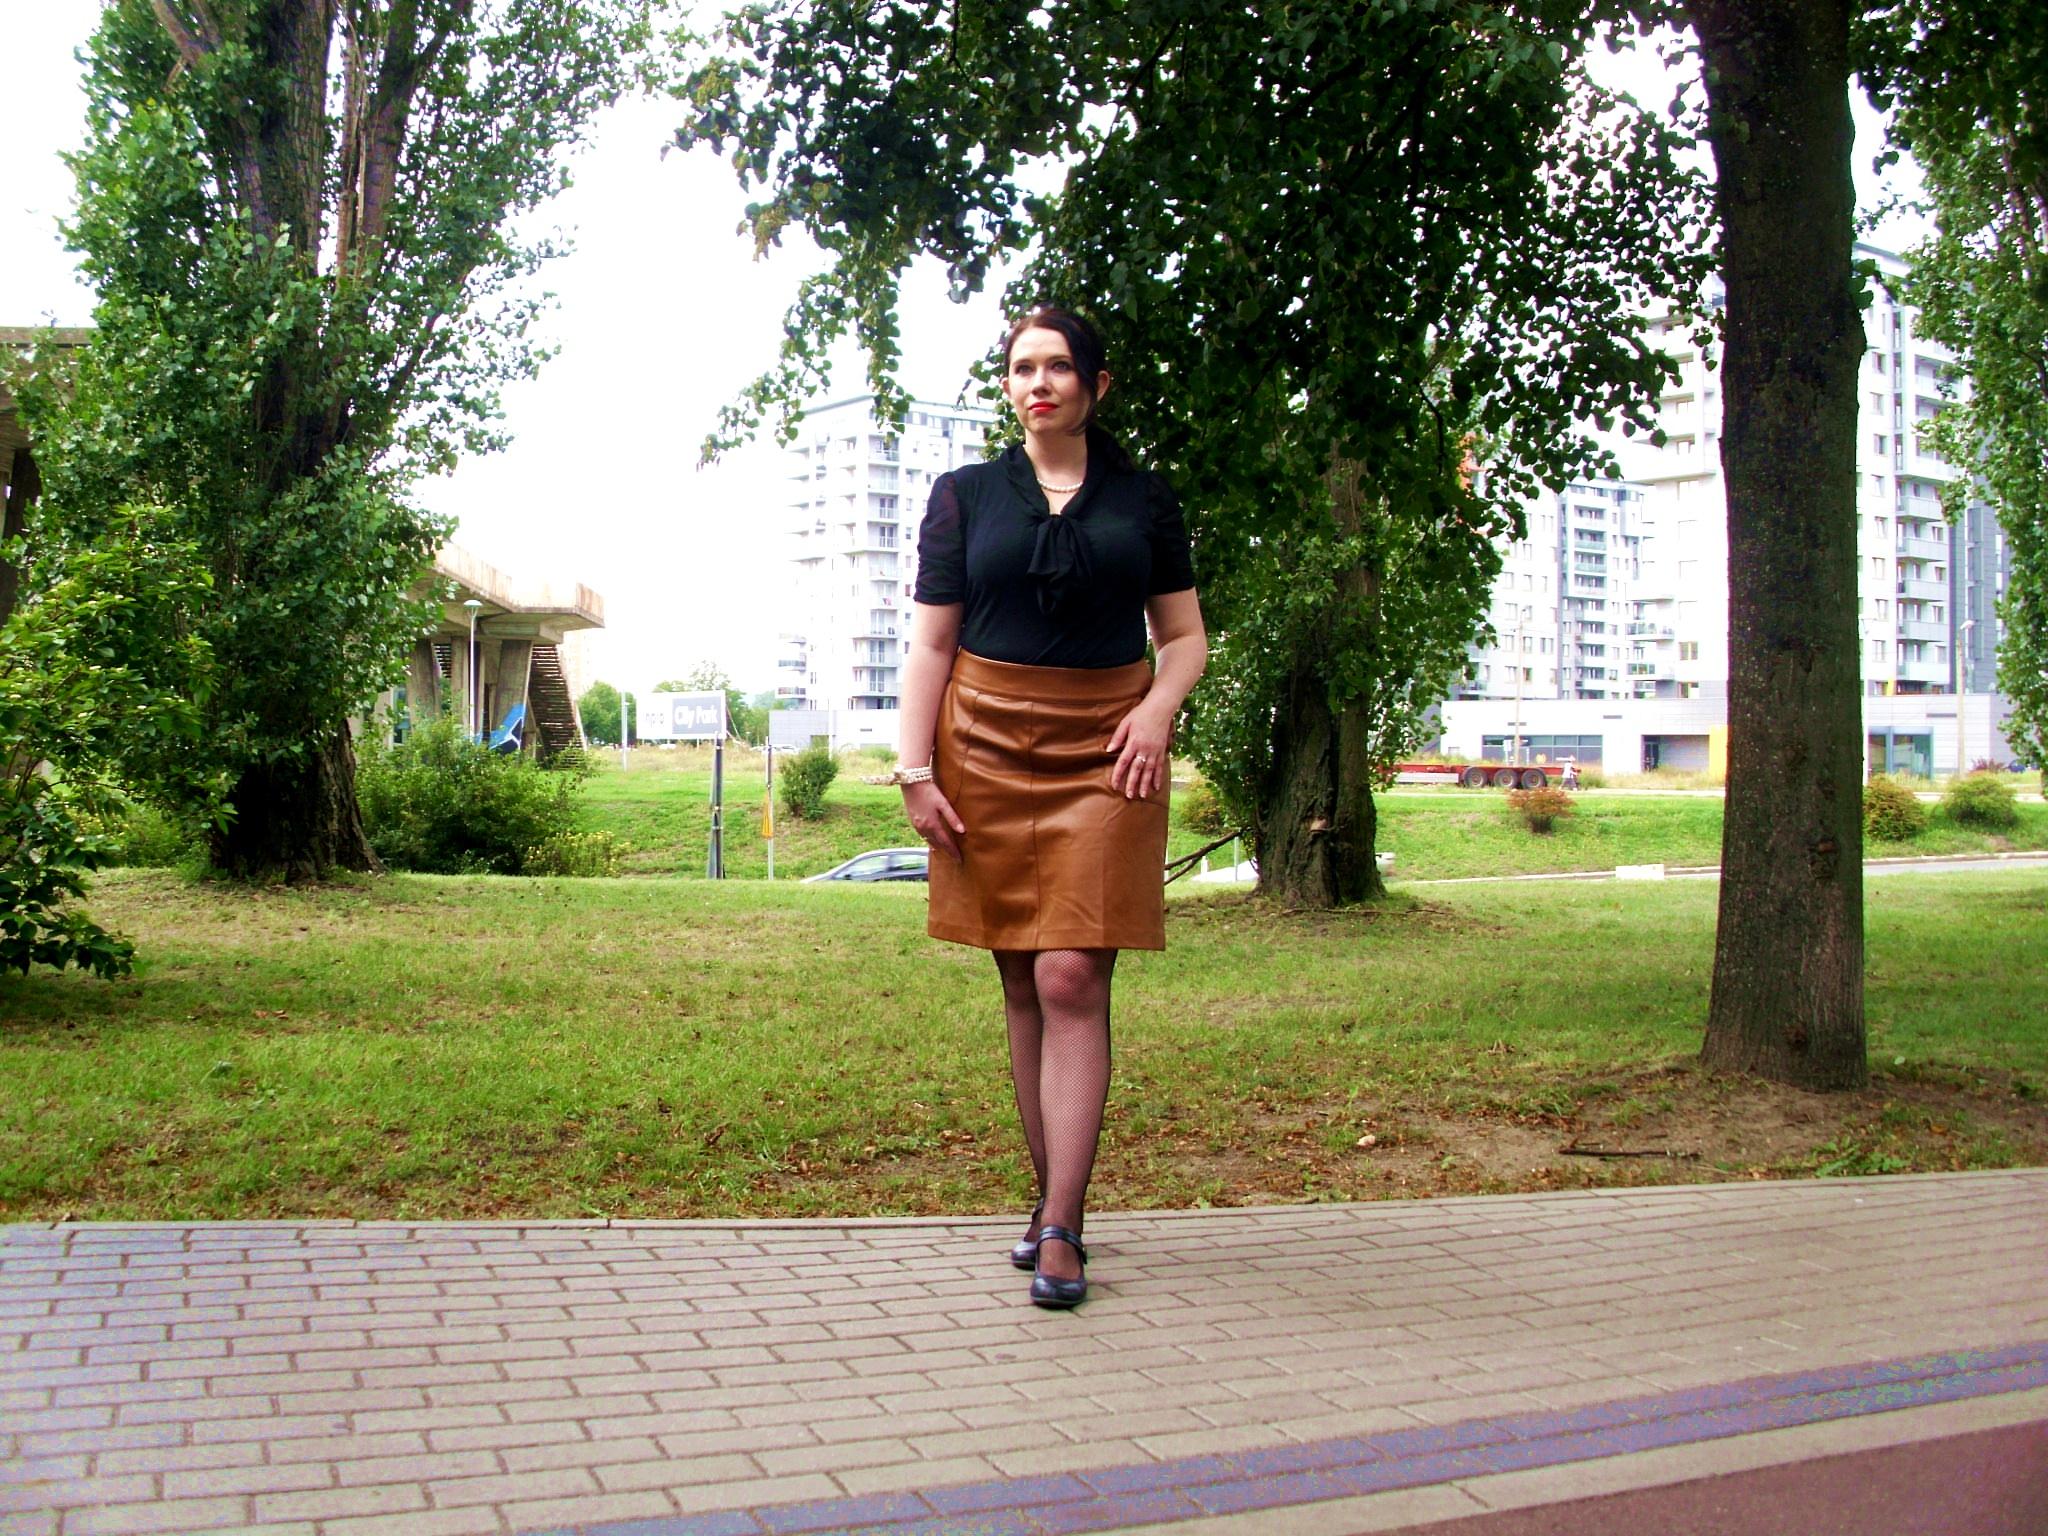 Większe rozmiary ubrań – dlaczego tak trudno je znaleźć?